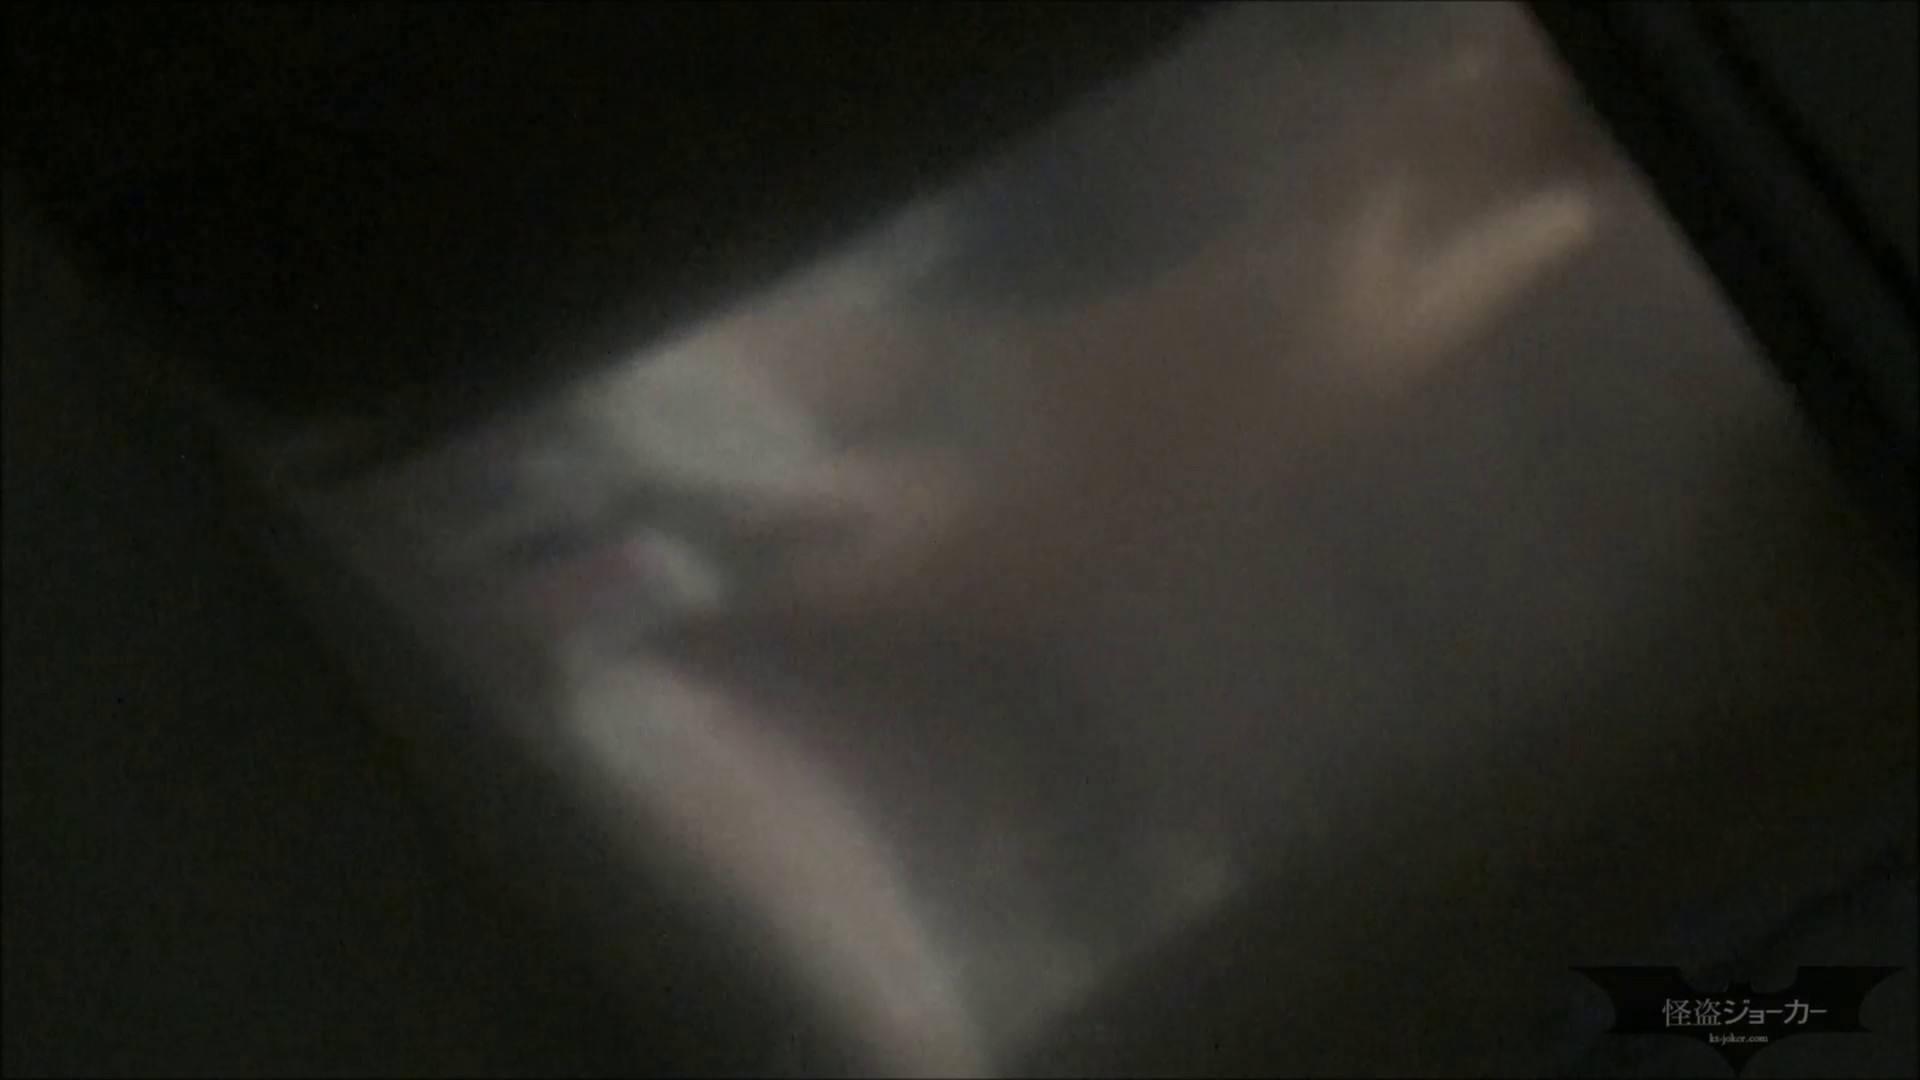 覗き見 Vol.3 覗き見 Vol.3♀ 向かいのお女市さん。 OL女体  87連発 36